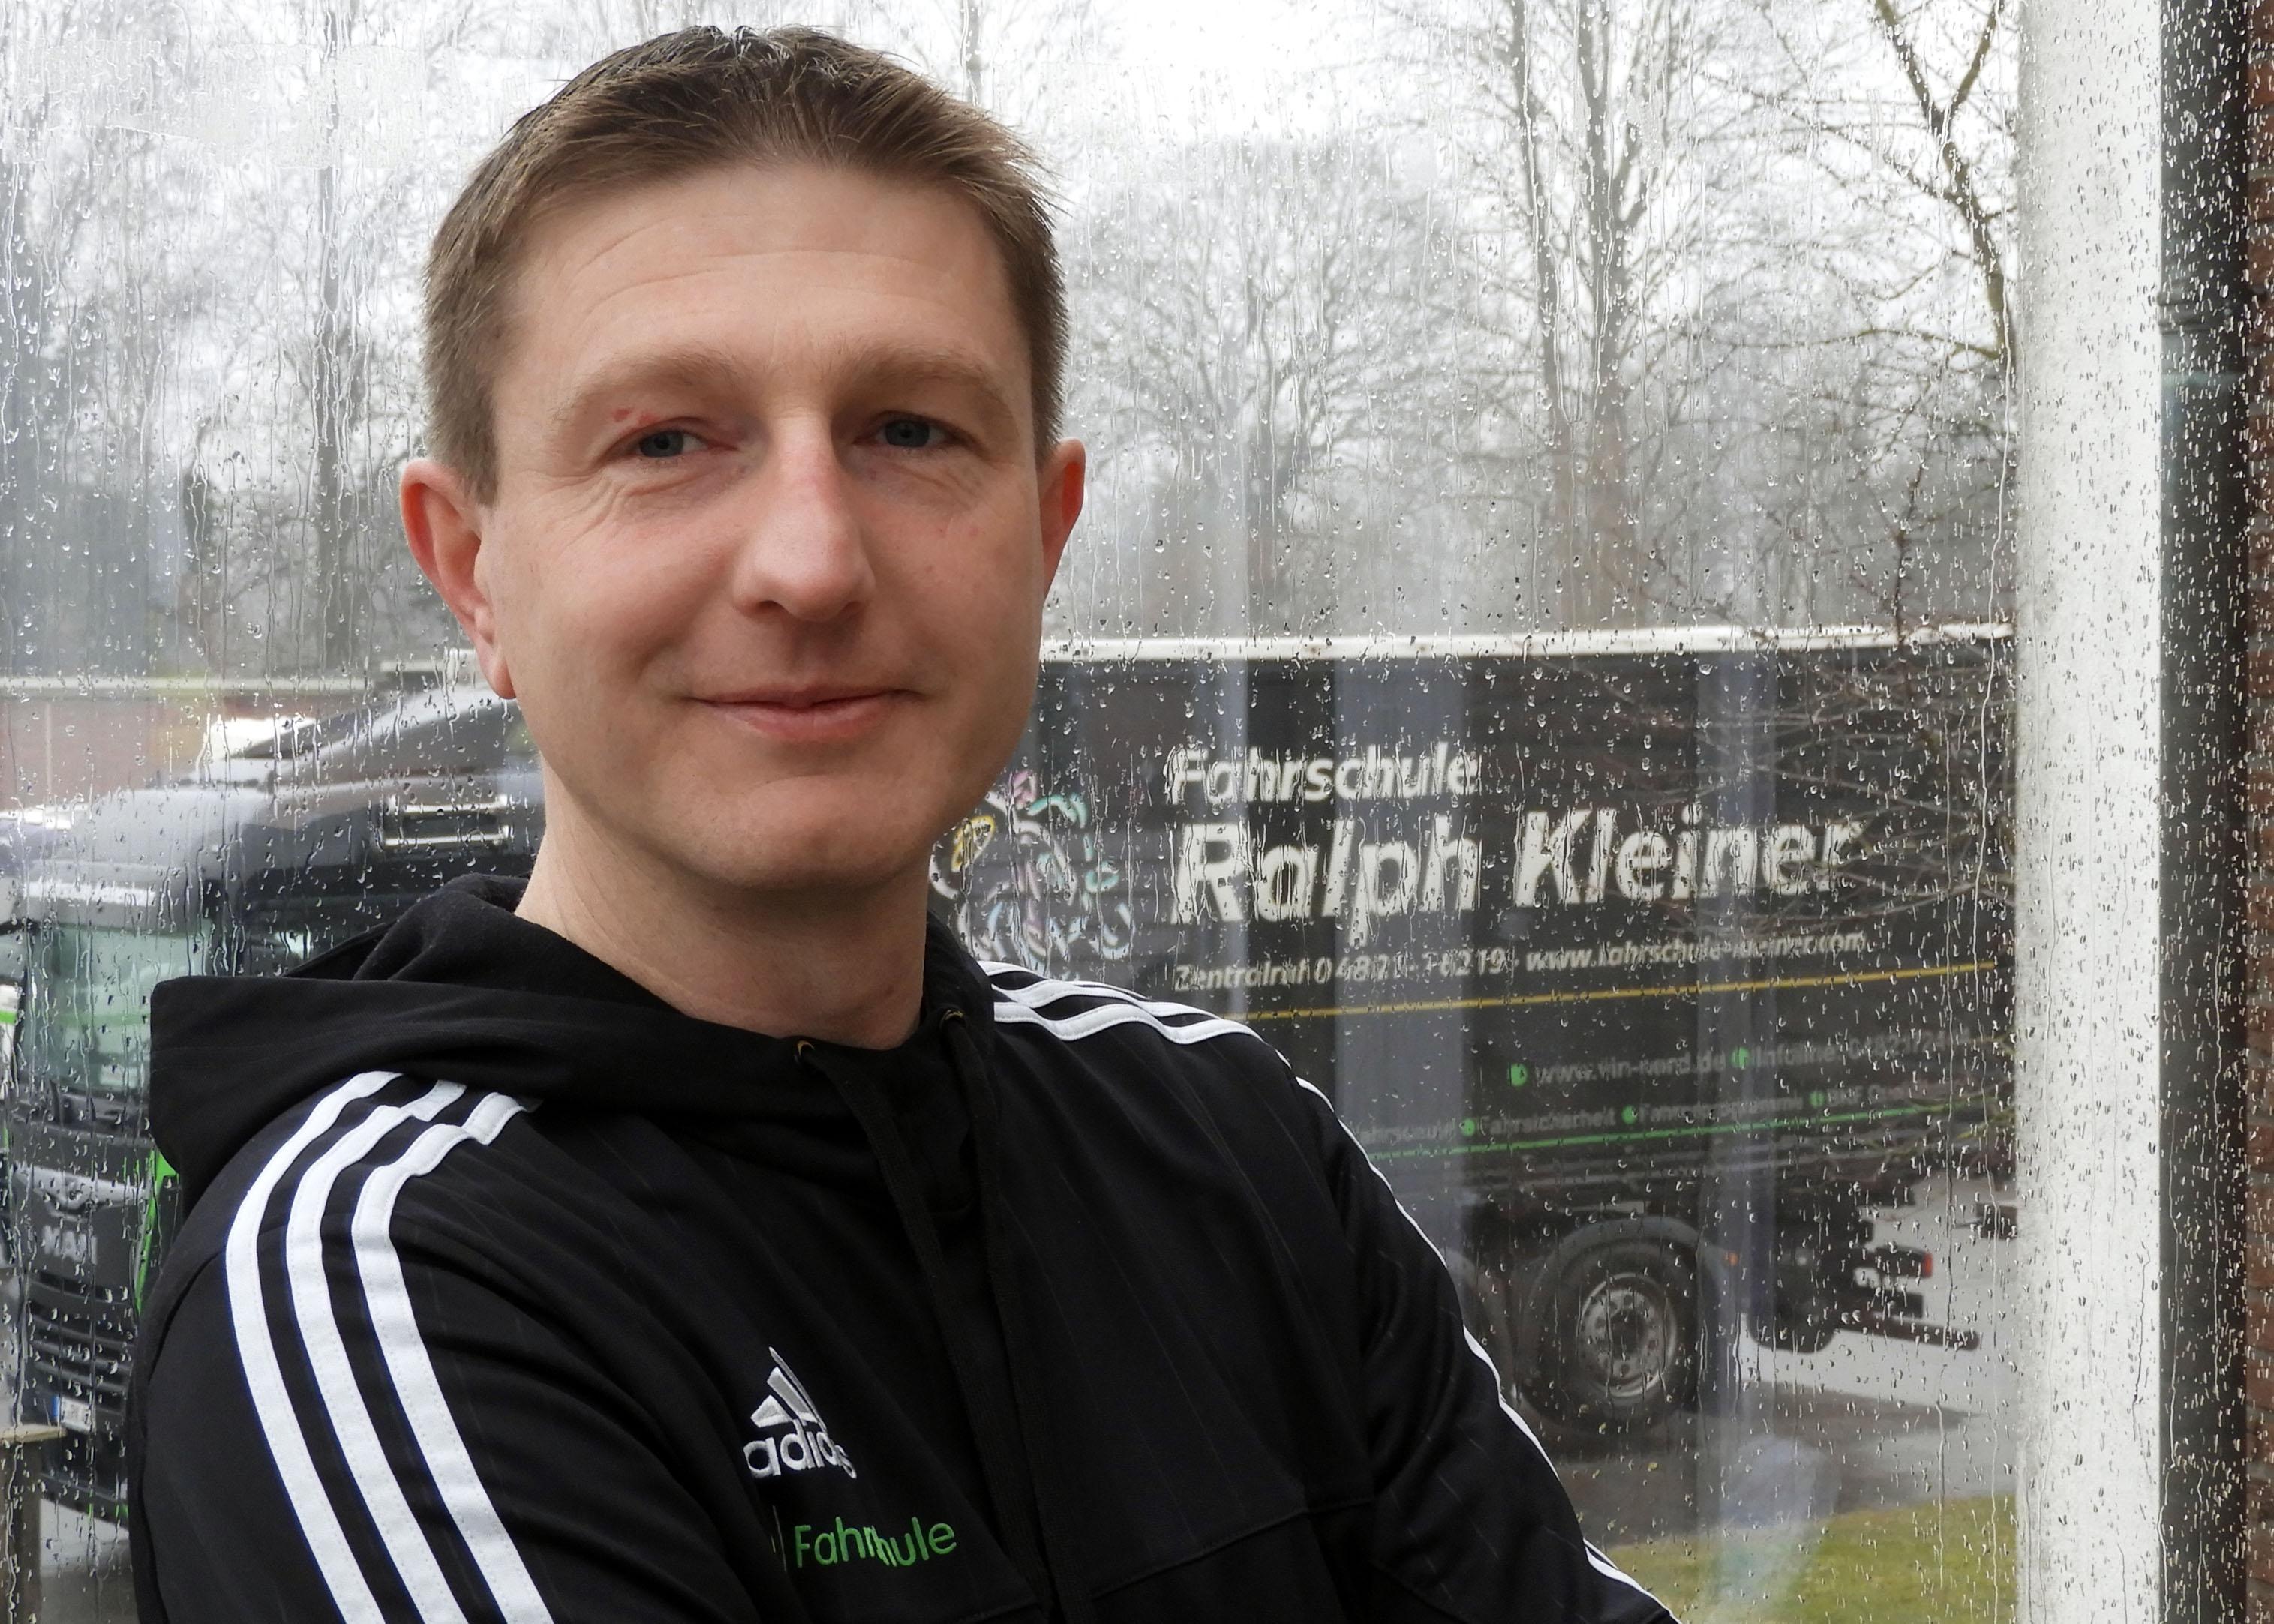 Rainer1